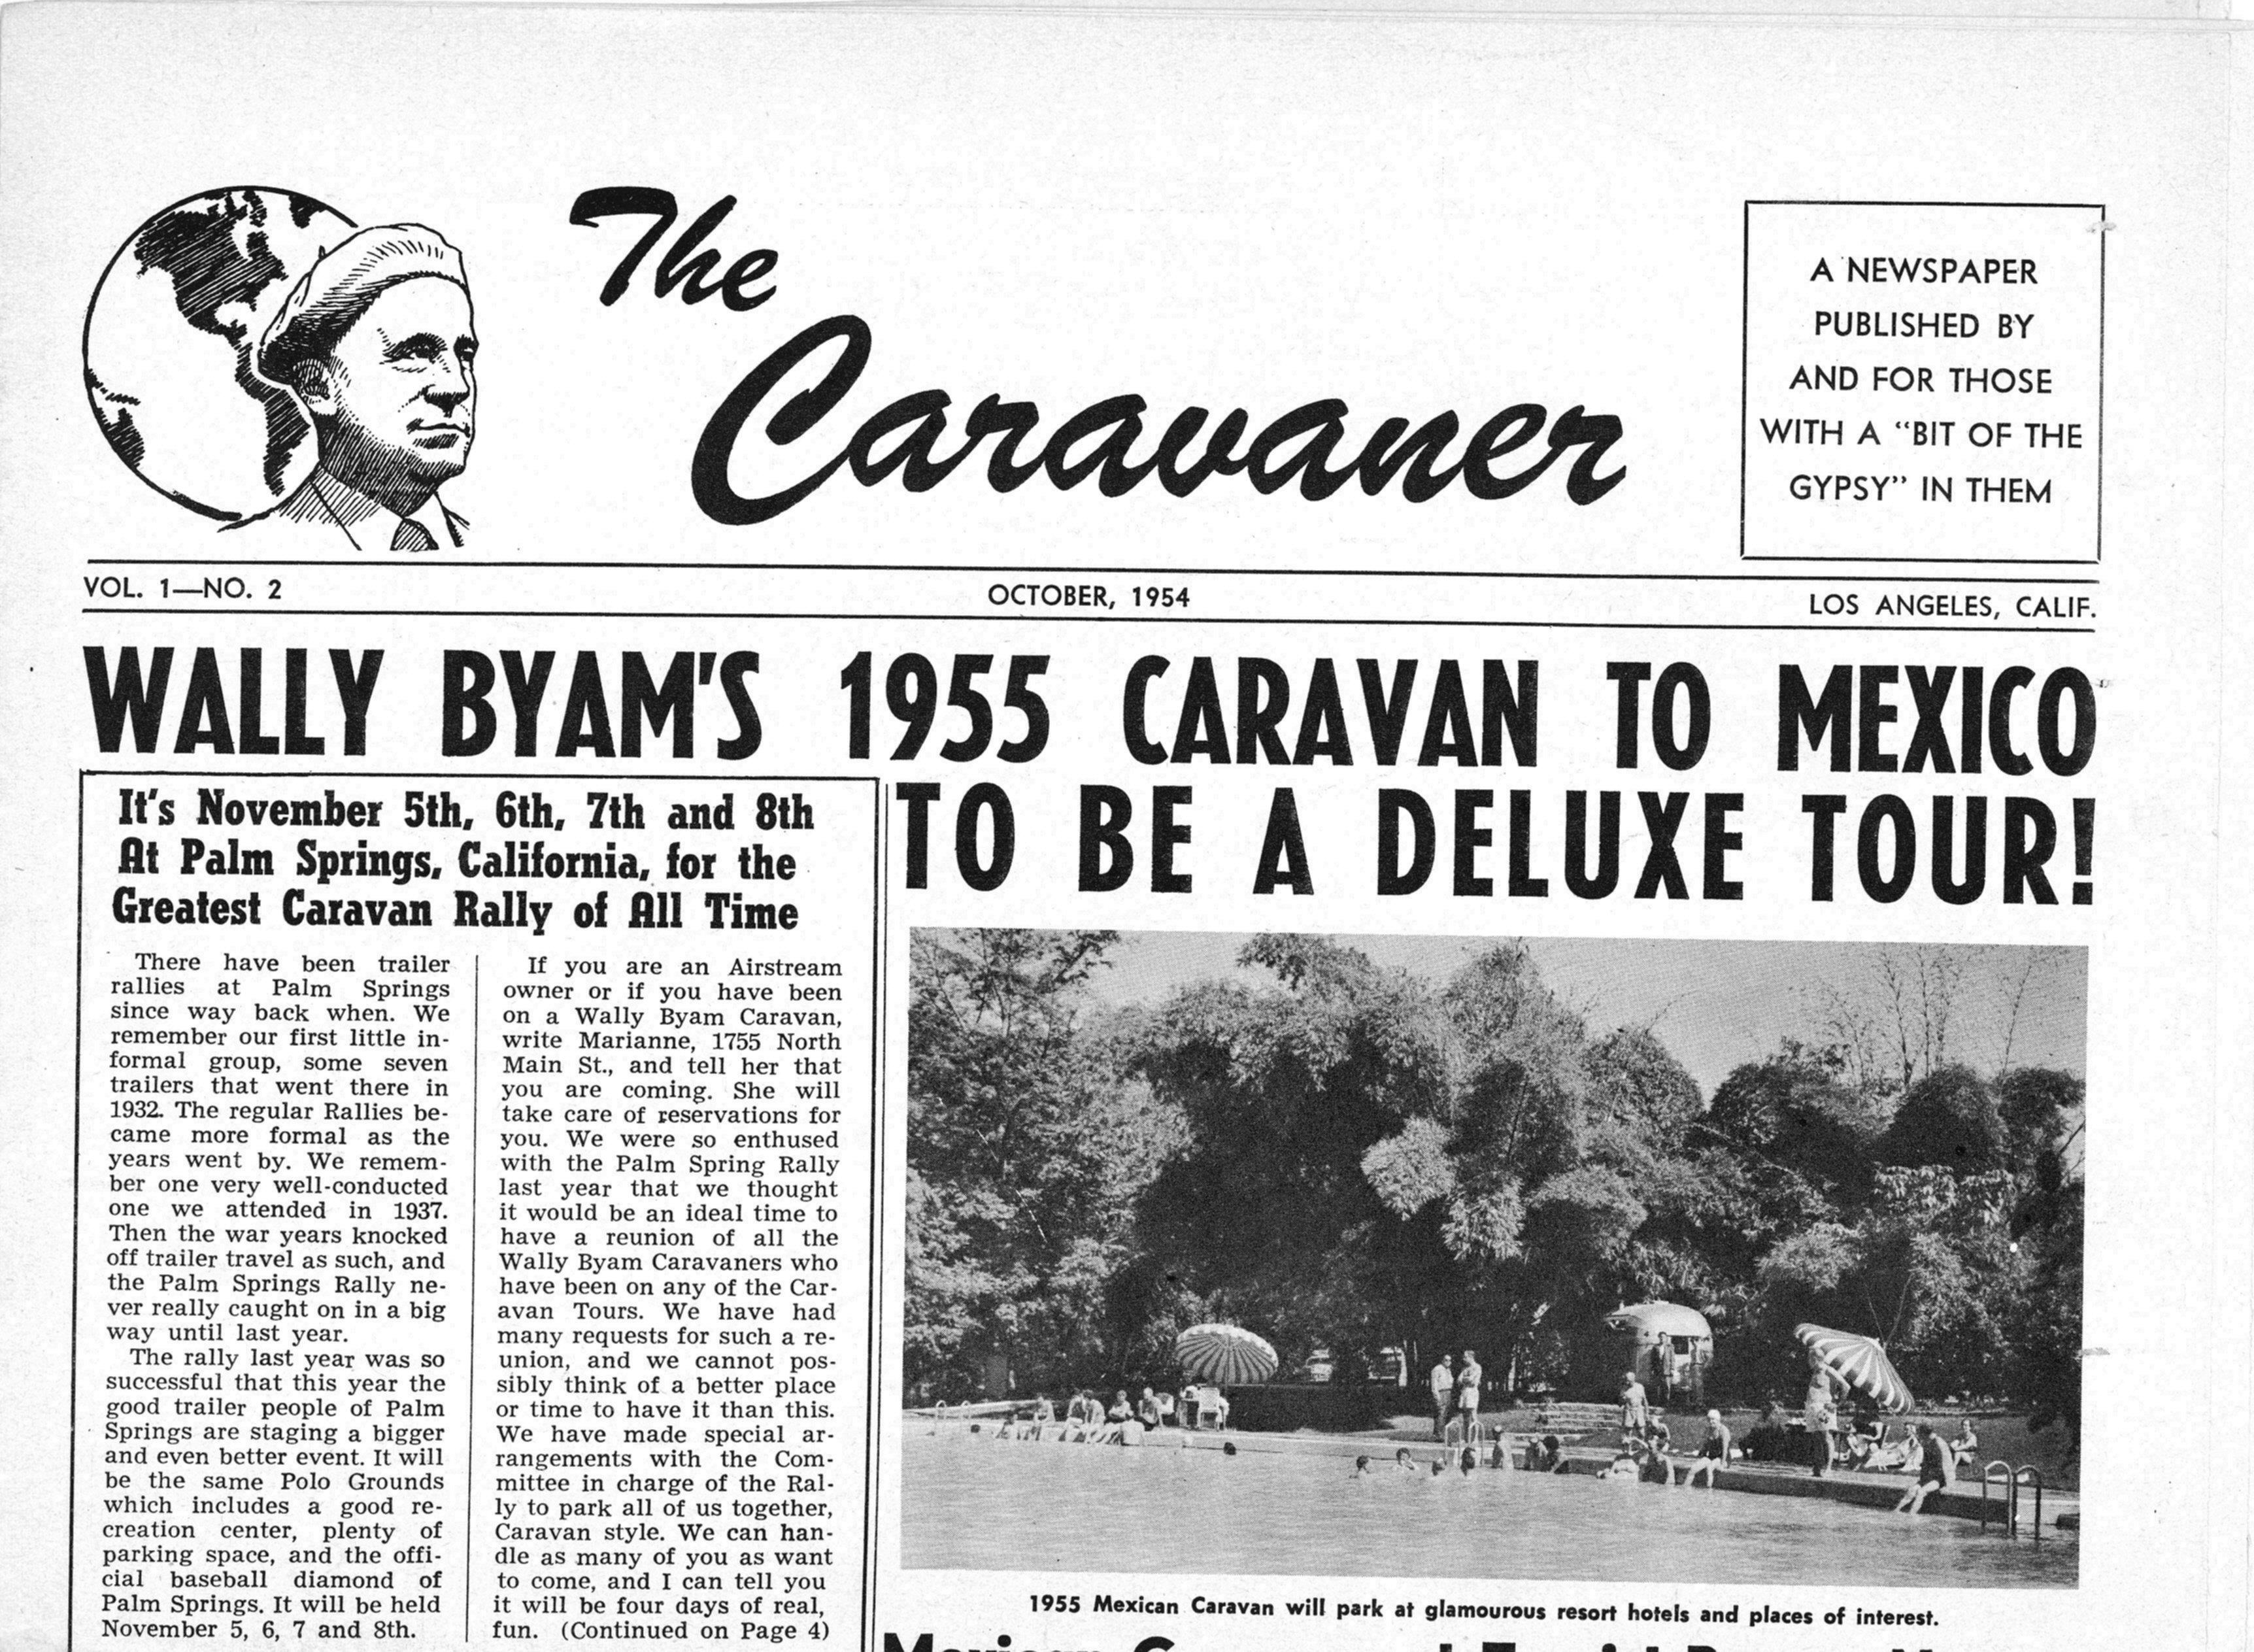 Caravanner